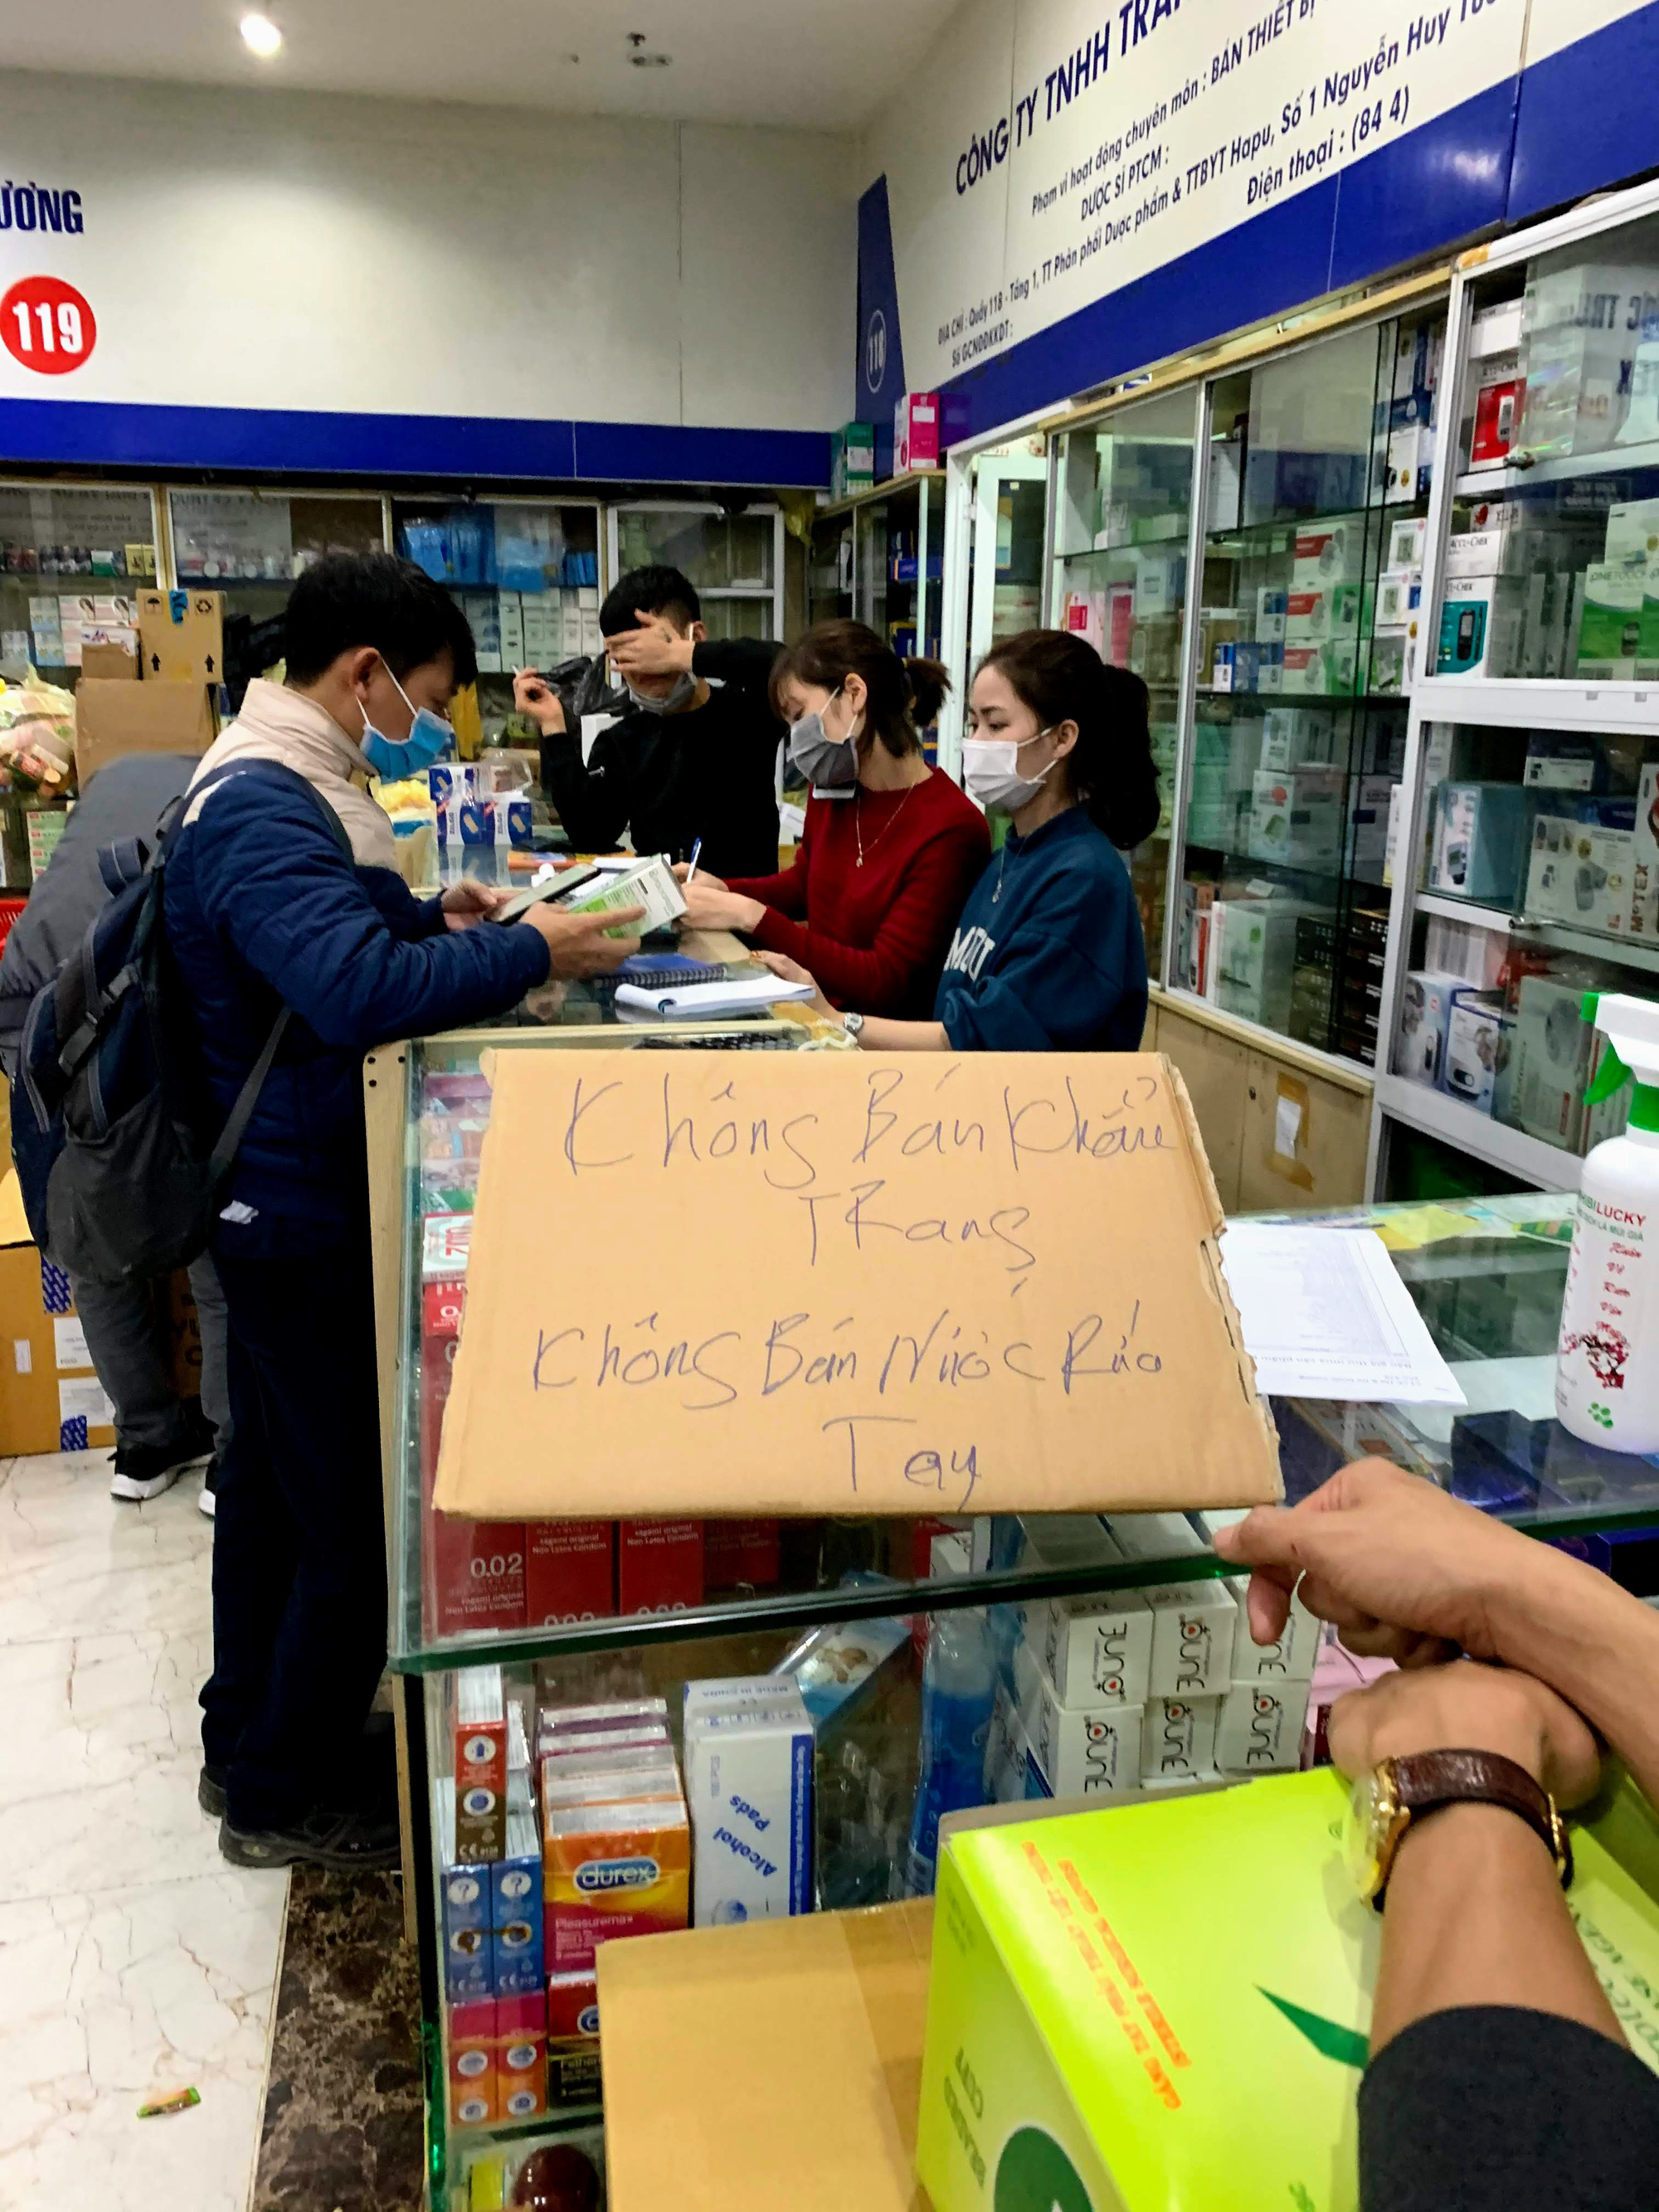 Cục trưởng Cục quản lí thị trường Hà Nội: Sẽ xử lí vụ việc chợ thuốc Hapulico đồng loạt treo biển 'không bán khẩu trang, nước rửa tay, miễn hỏi' - Ảnh 2.